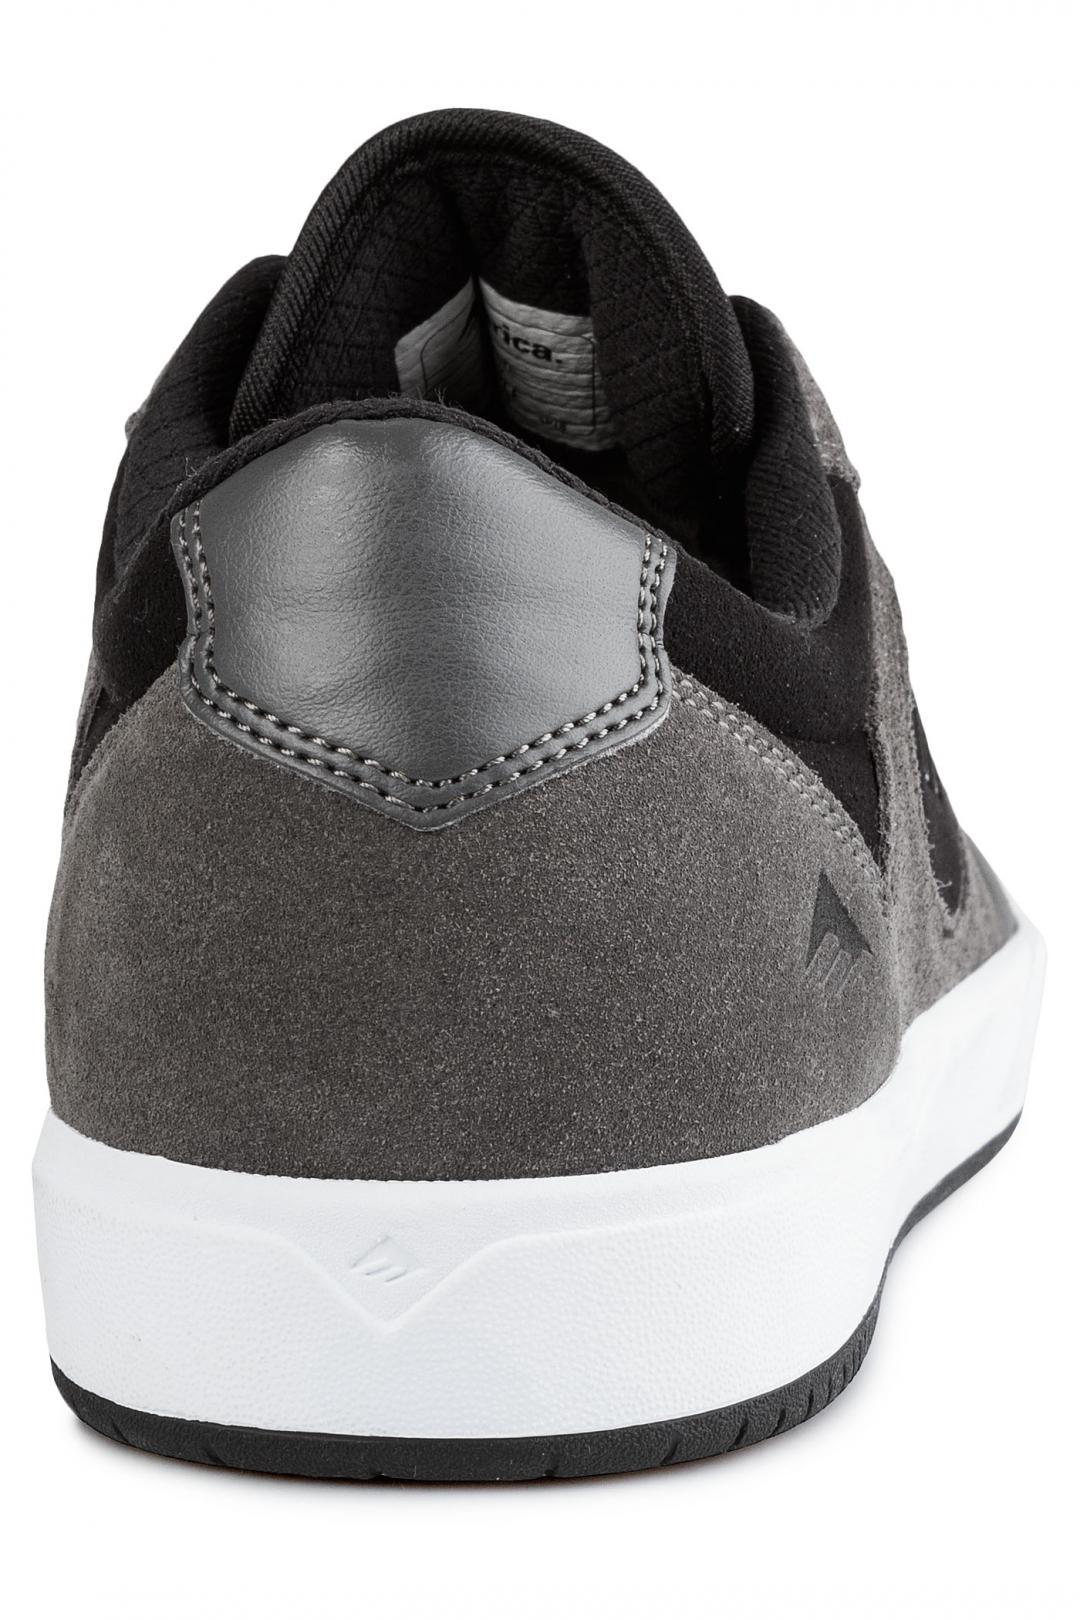 Uomo Emerica Dissent grey black white   Scarpe da skate